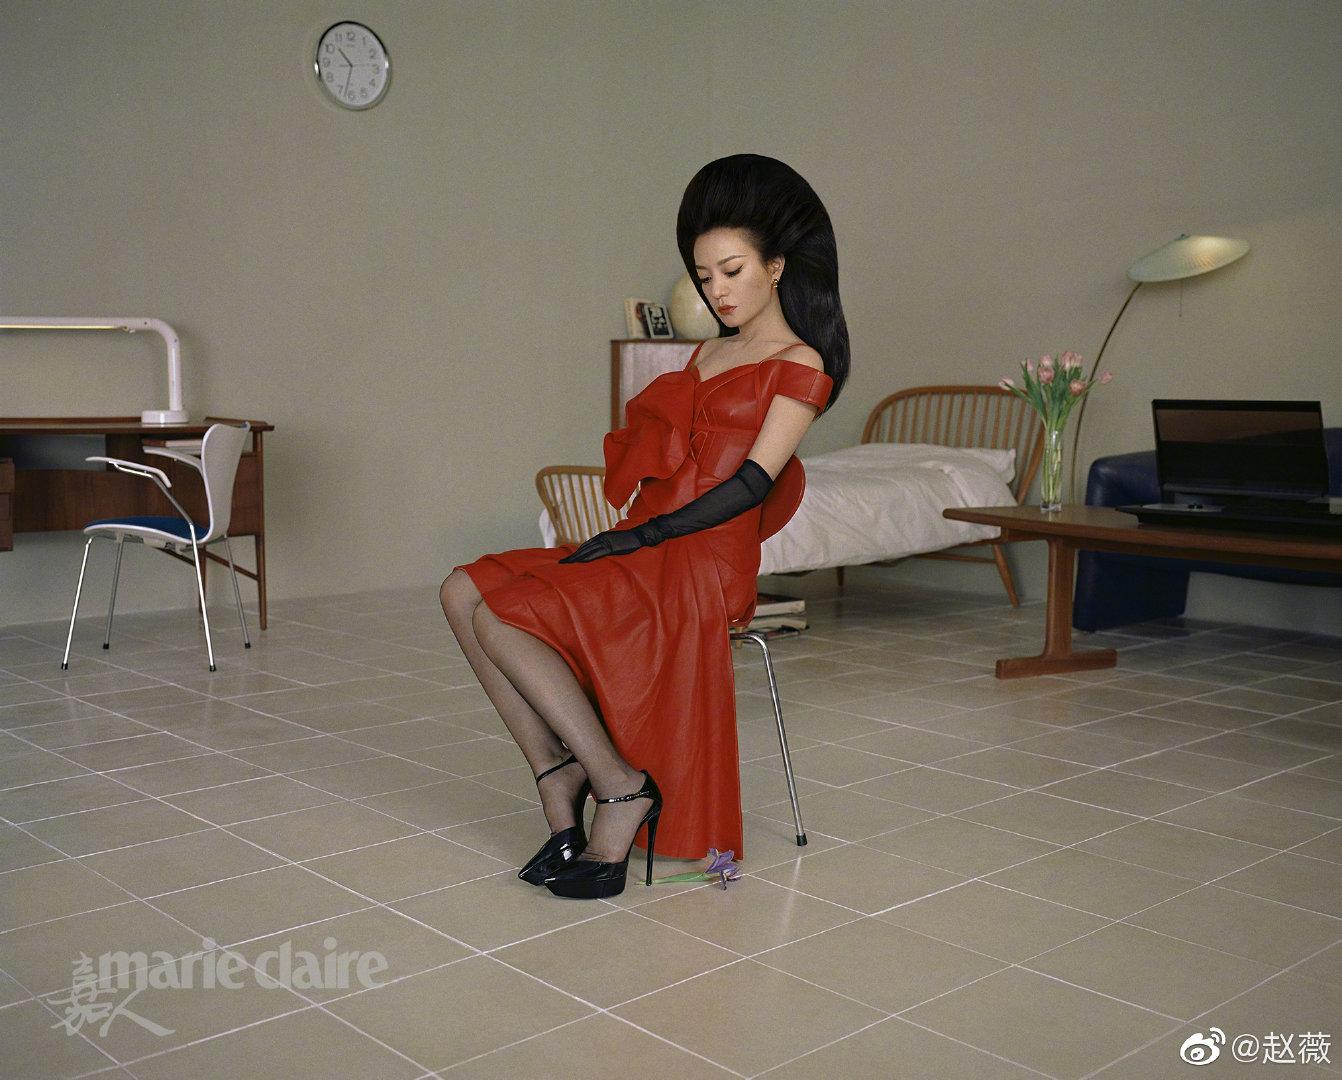 趙薇拍時尚雜誌挑戰新造型!卻被網友 kuso 激似「埃及法老王」